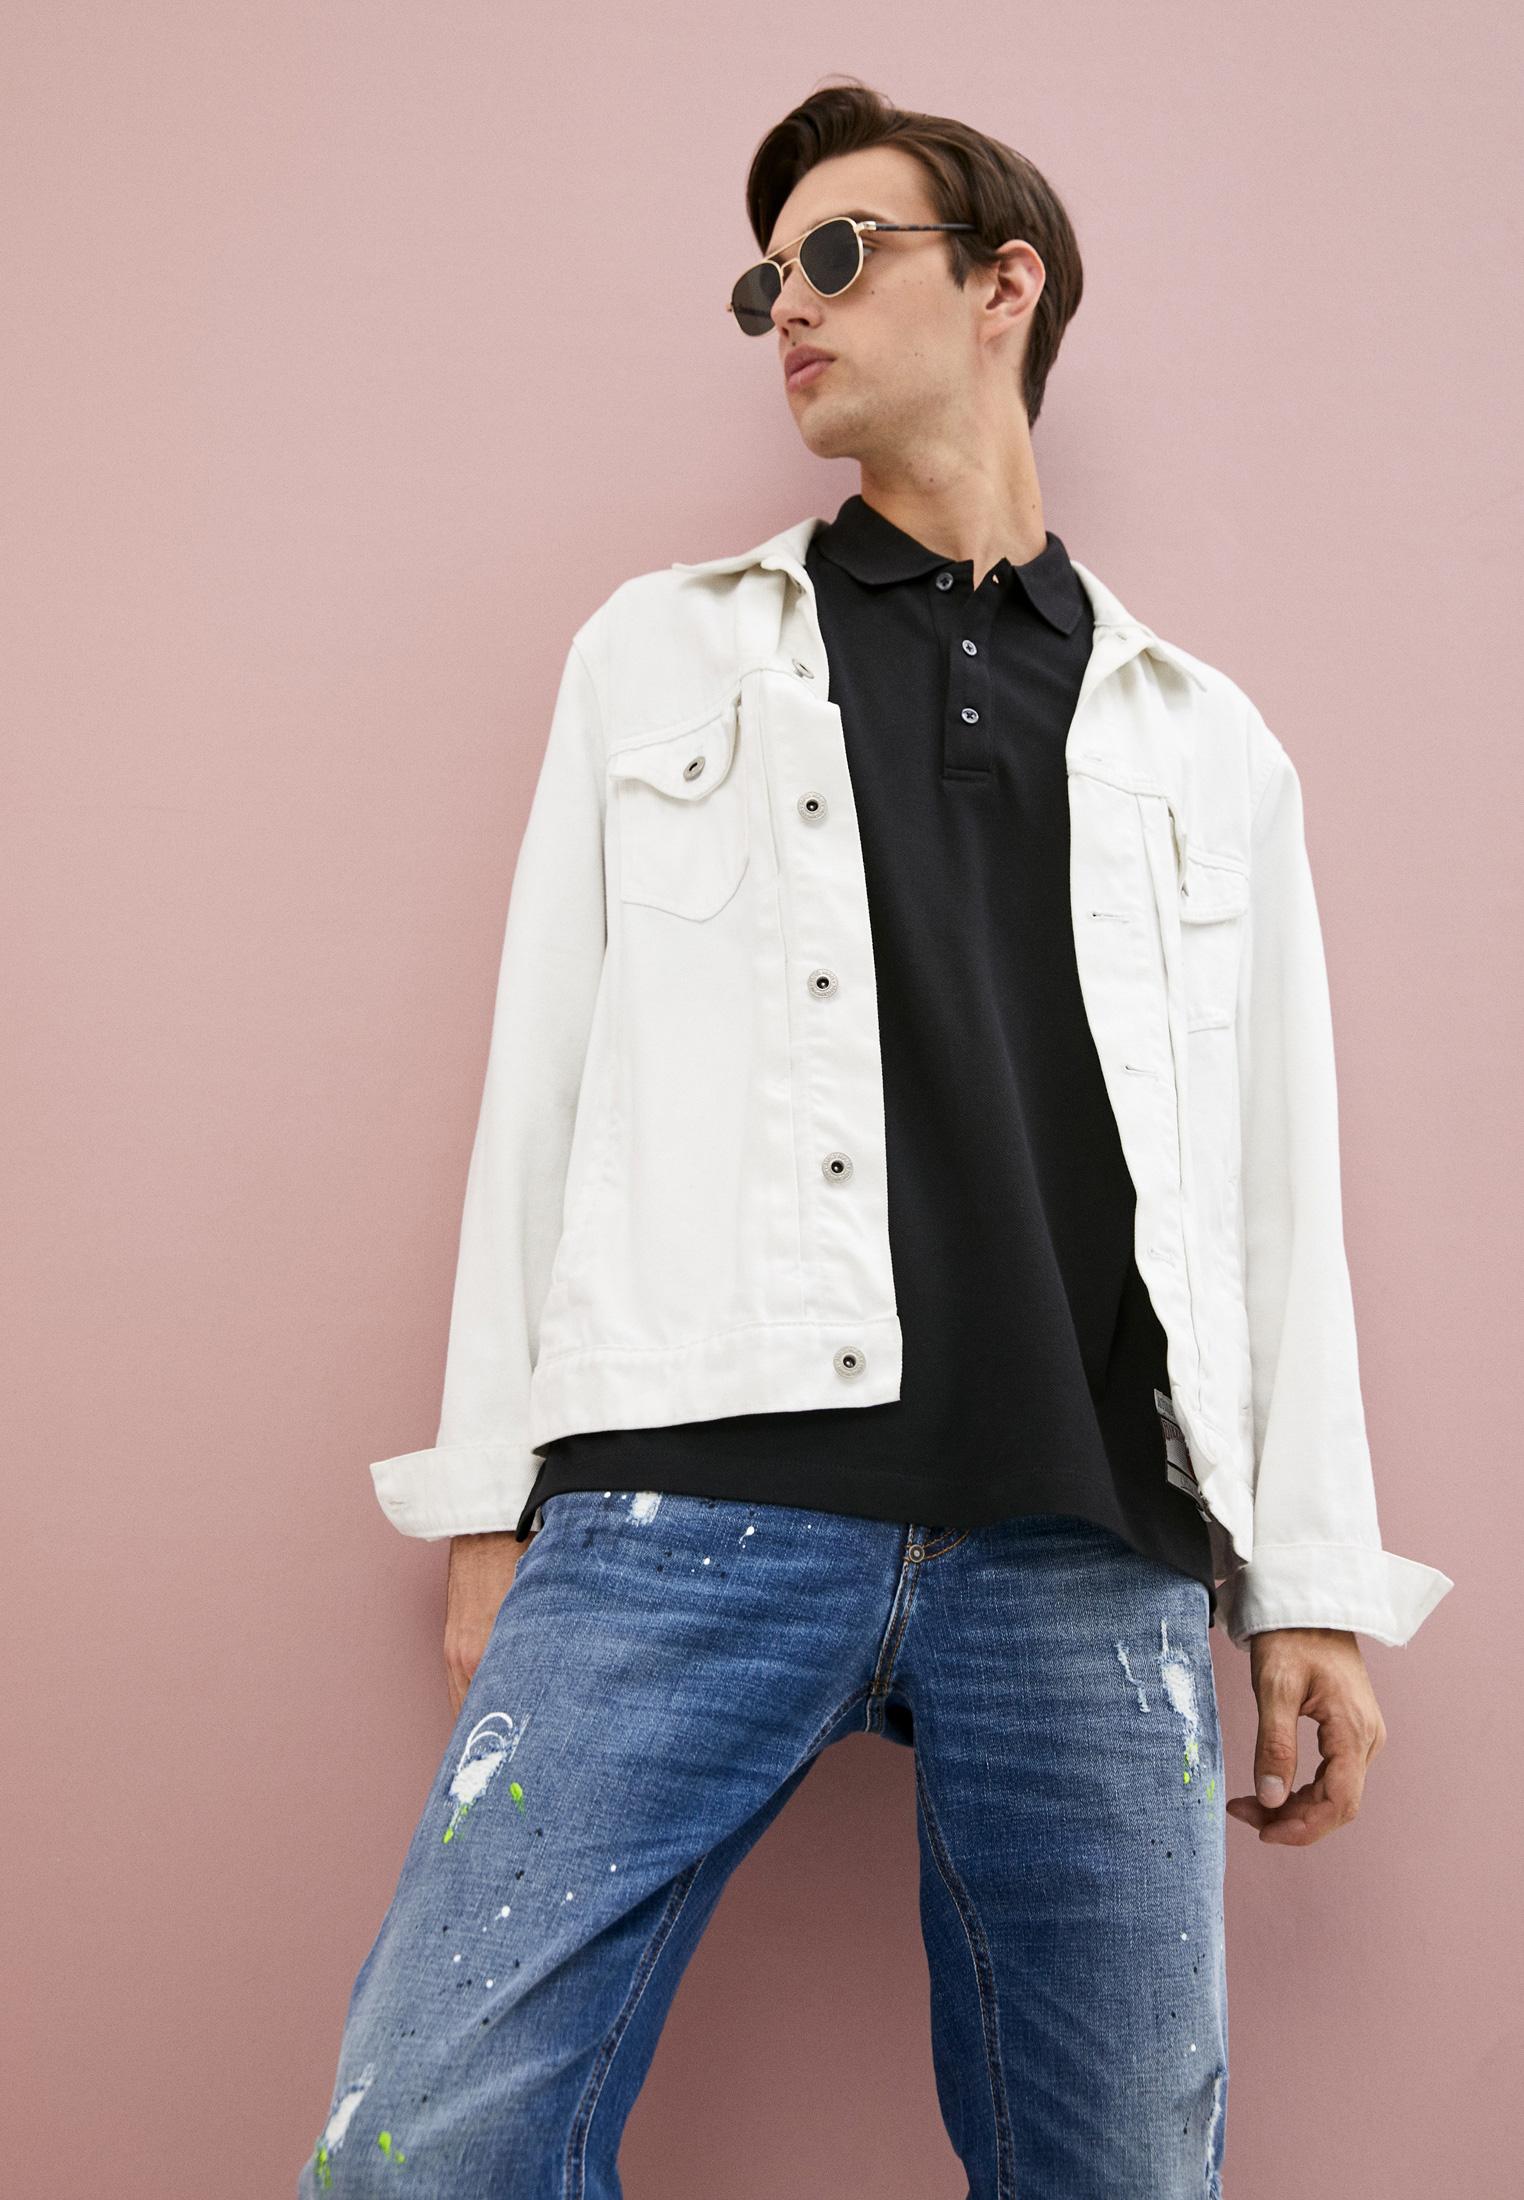 Мужские зауженные джинсы Bikkembergs (Биккембергс) C Q 101 09 S 3182: изображение 2